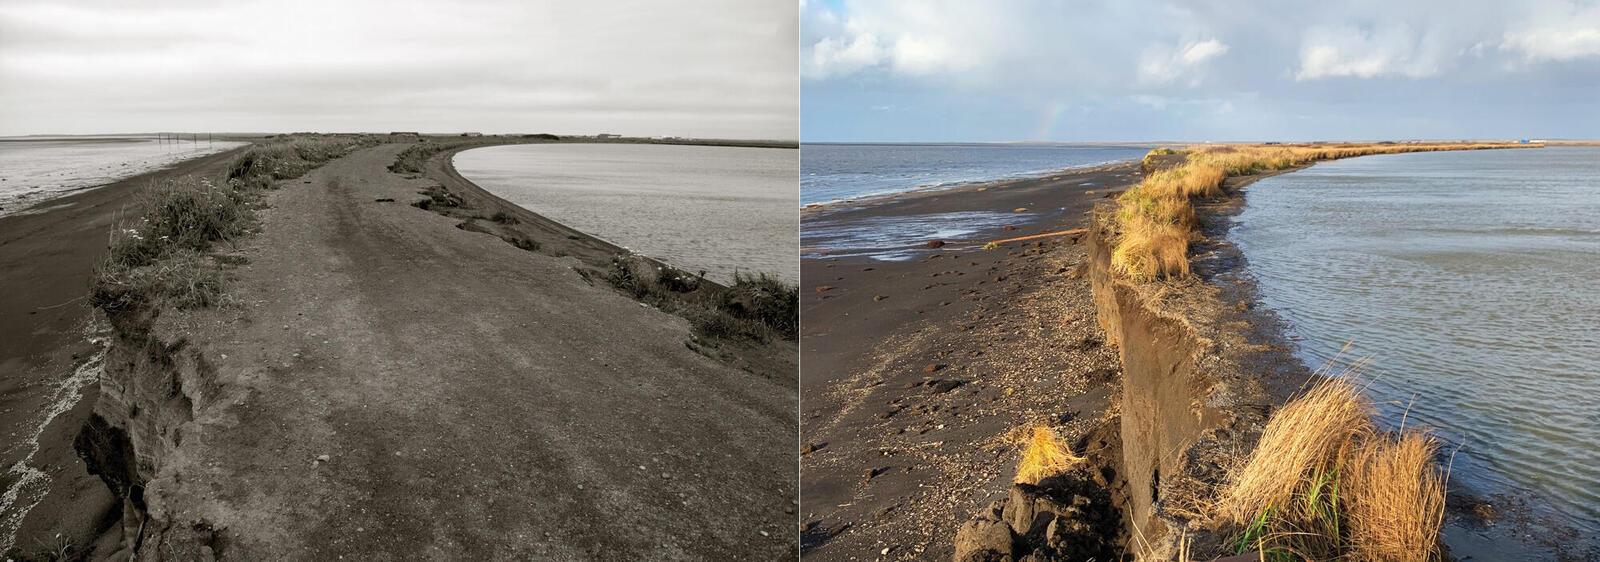 Erosion in Port Heiden